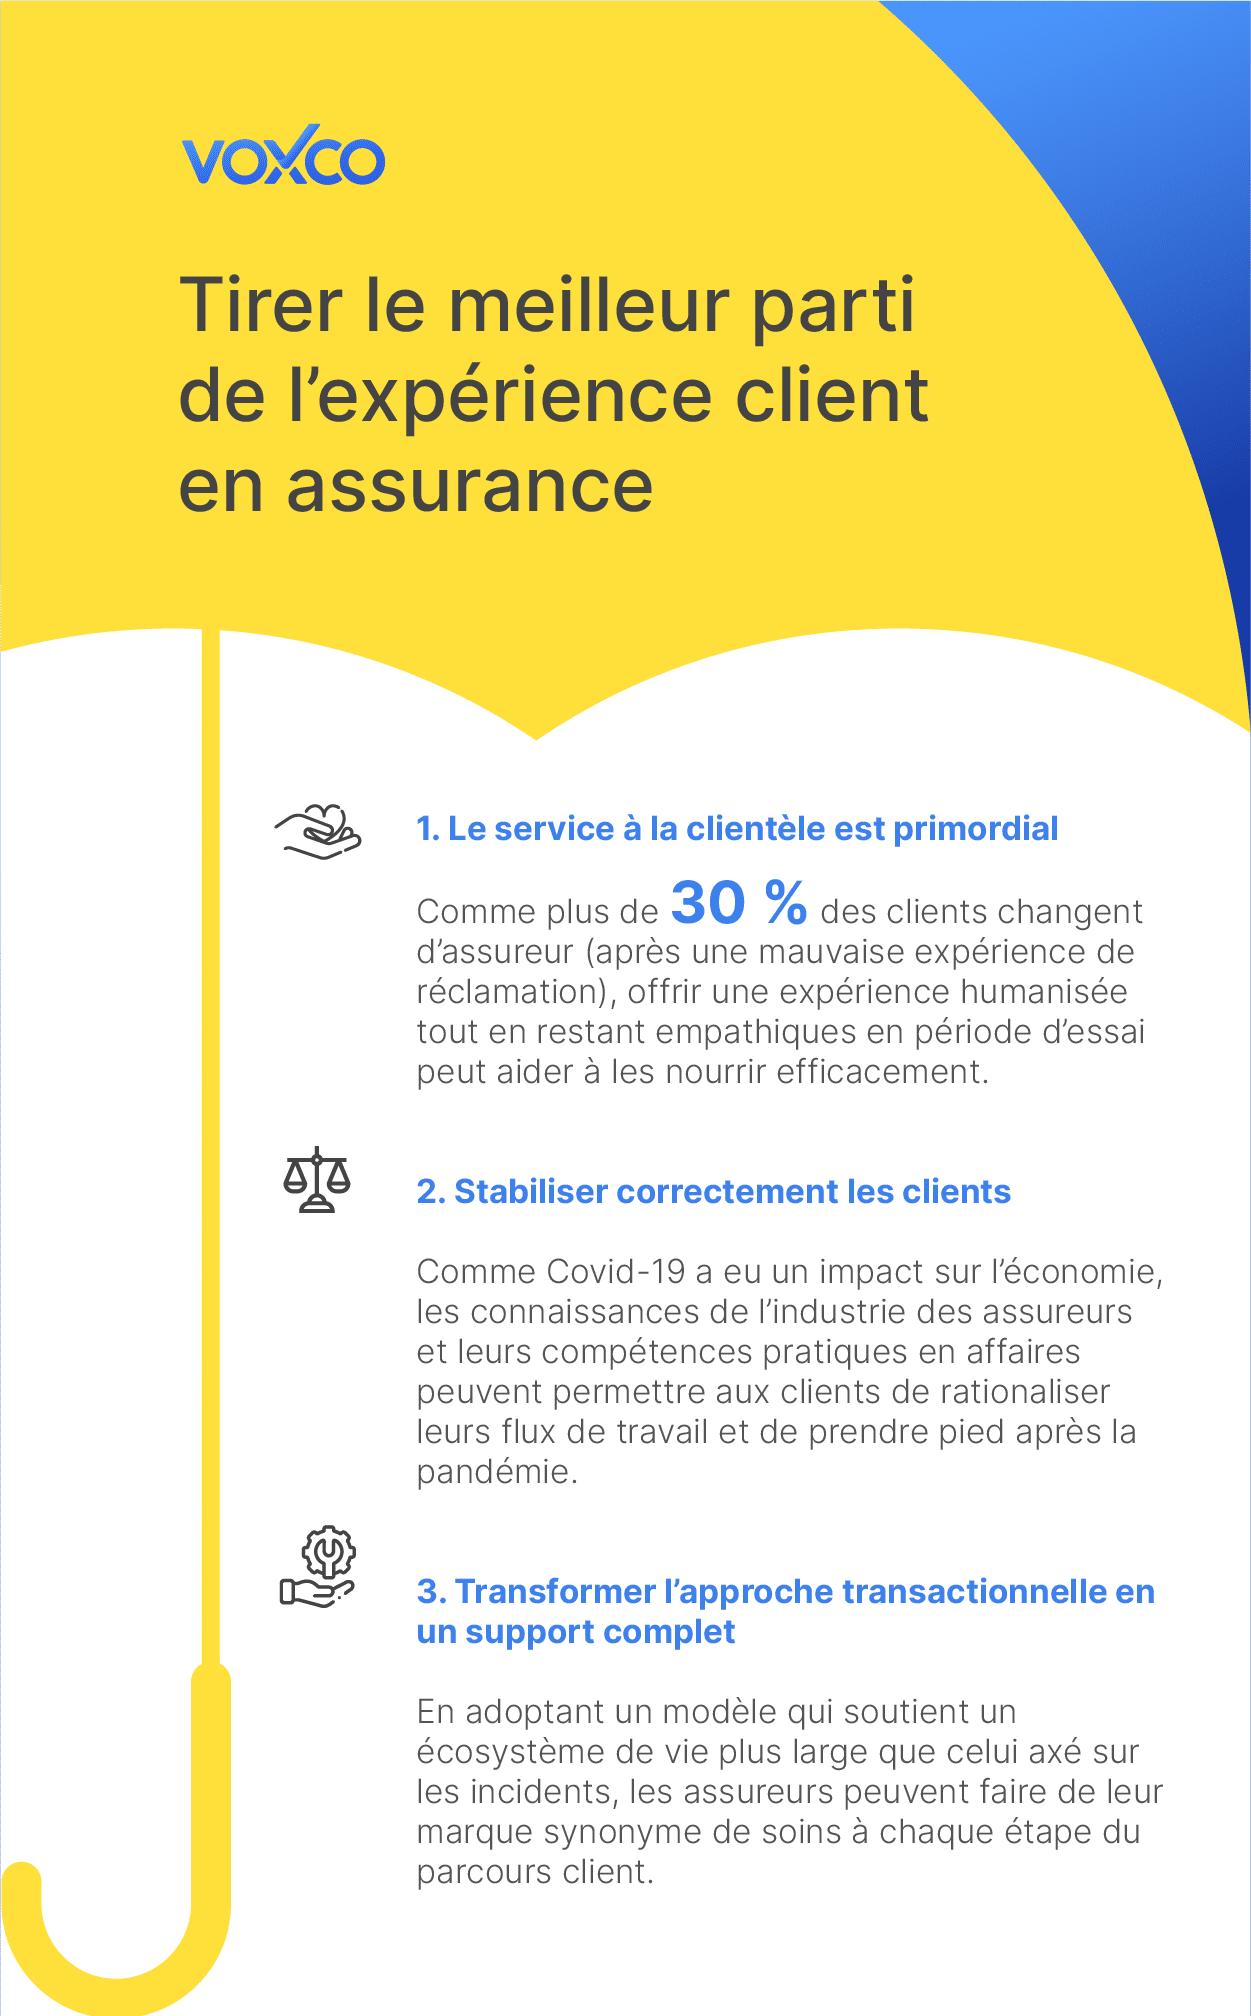 L'expérience client des compagnies d'assurance : Pourquoi faut-il accélérer le rythme ? L'expérience client des compagnies d'assurance